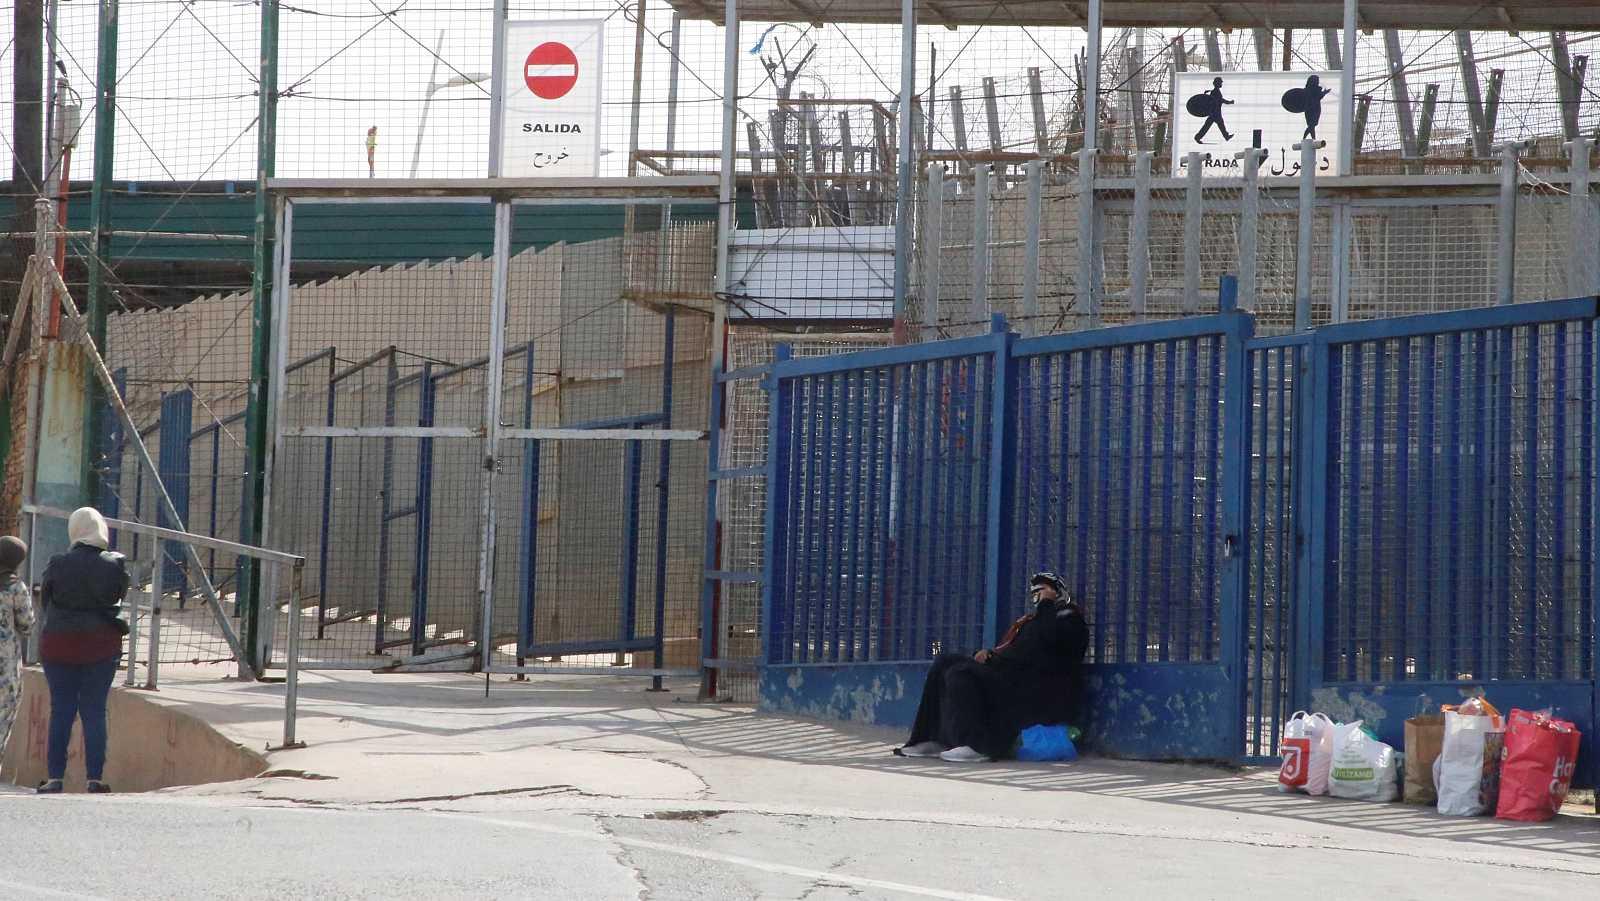 14 horas - Marruecos: ¿Hay o no permisividad en la frontera? - Escuchar ahora